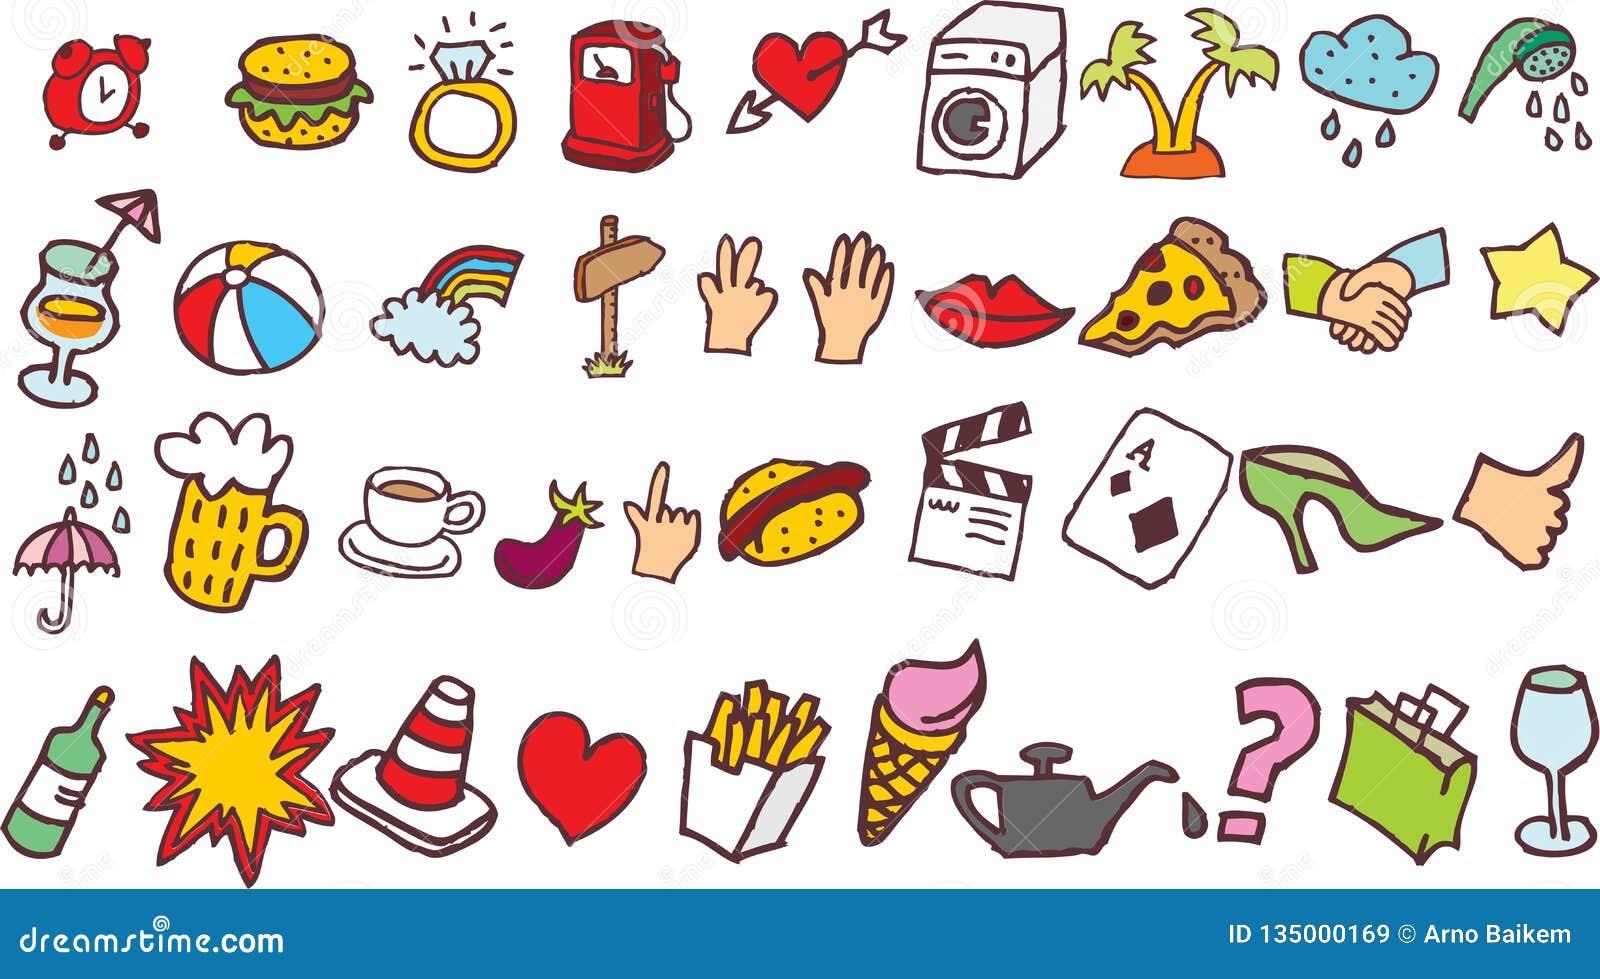 Vectorbeelden van Krabbels die uit voorwerpen en foodon Witte Blackground bestaan